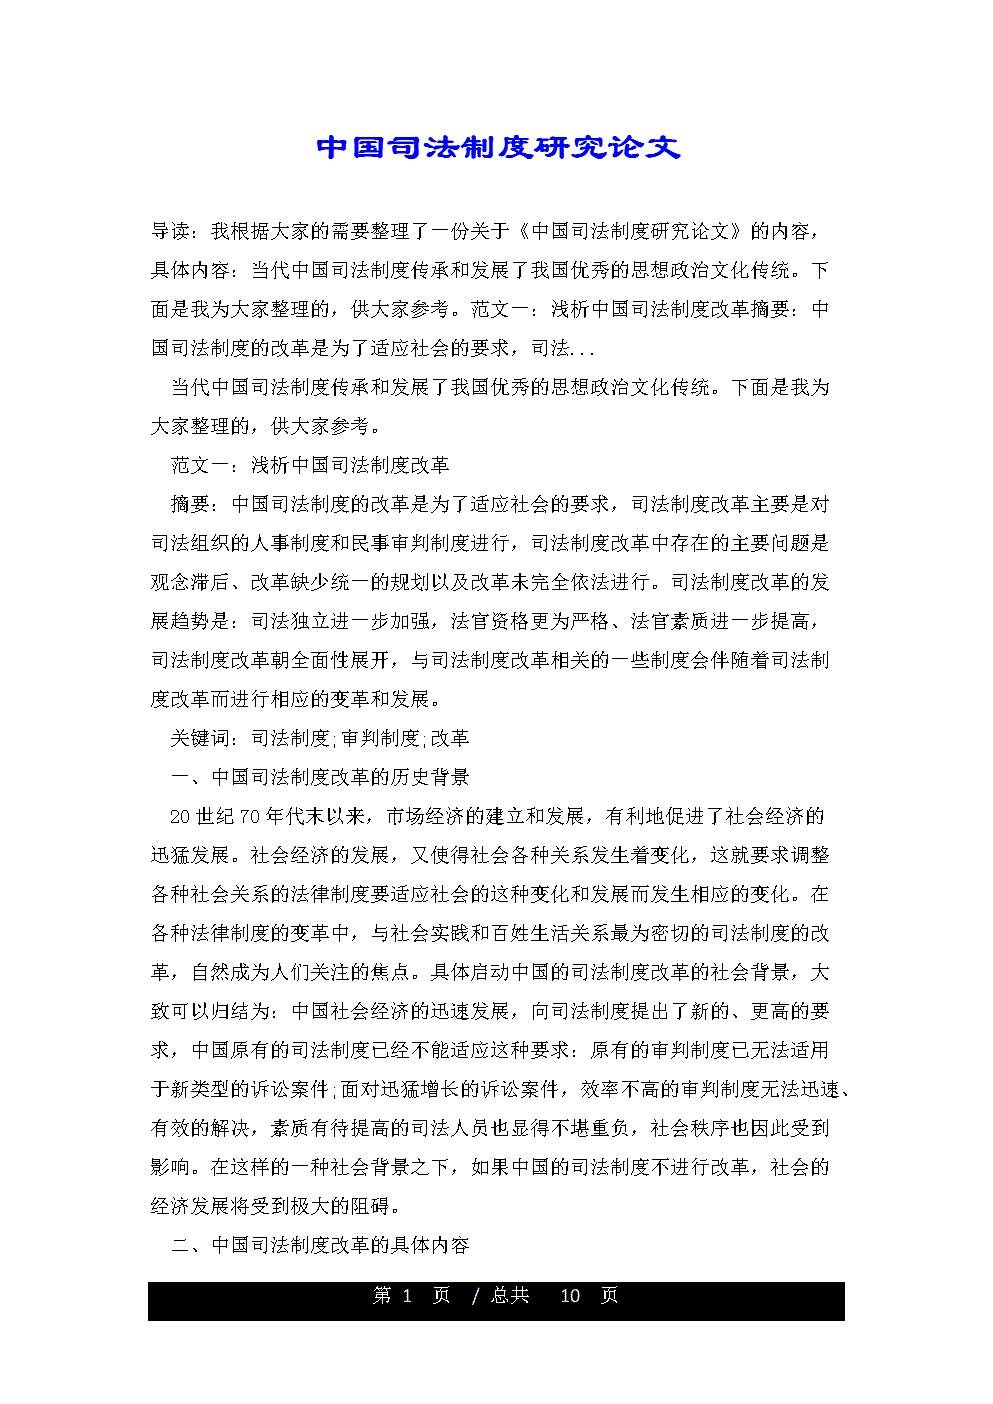 中国司法制度研究论文.doc